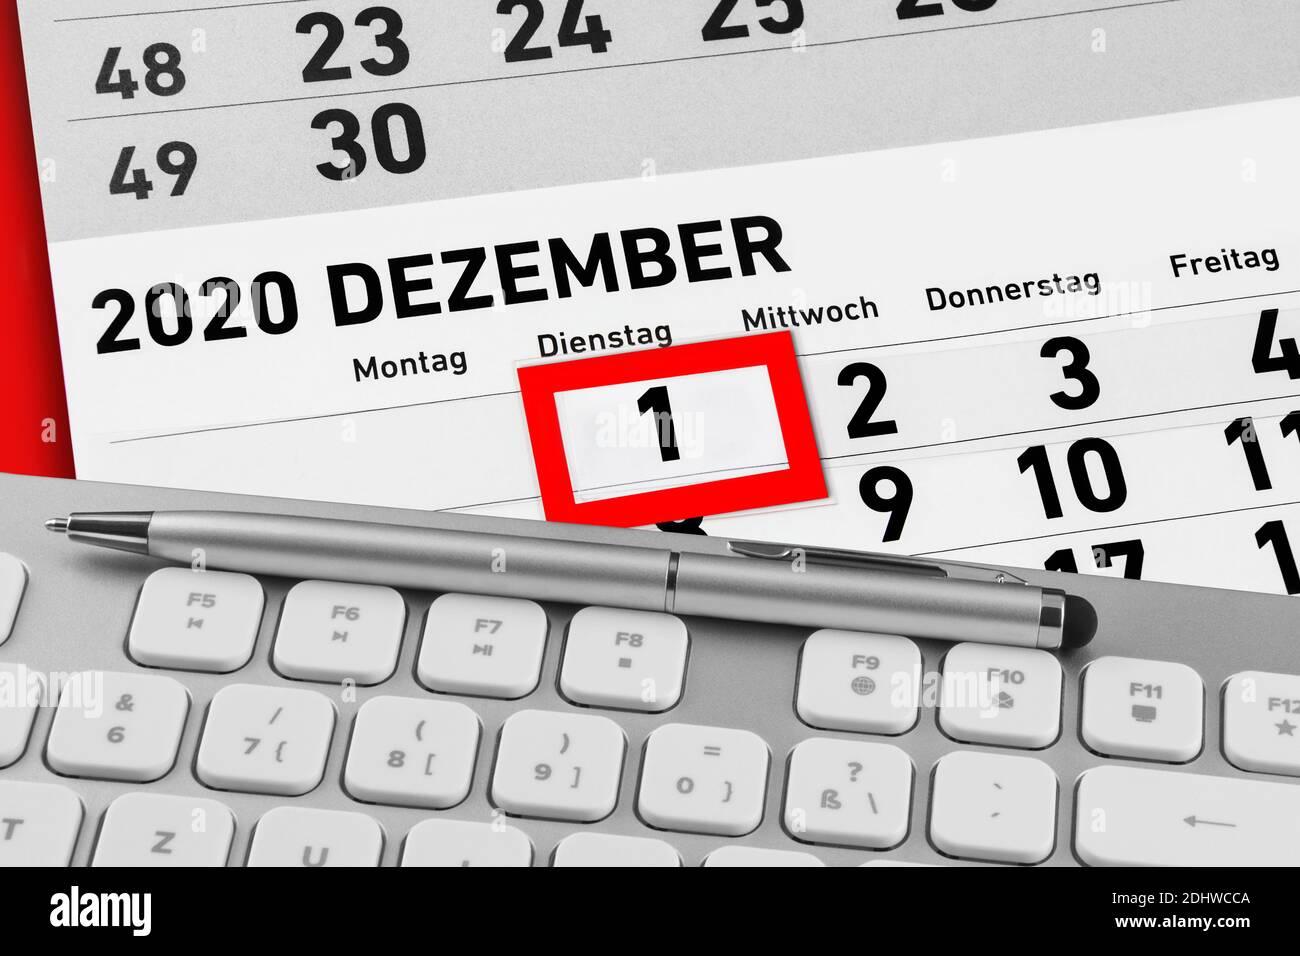 Kalender und Keyboard Dezember 2020 Stock Photo